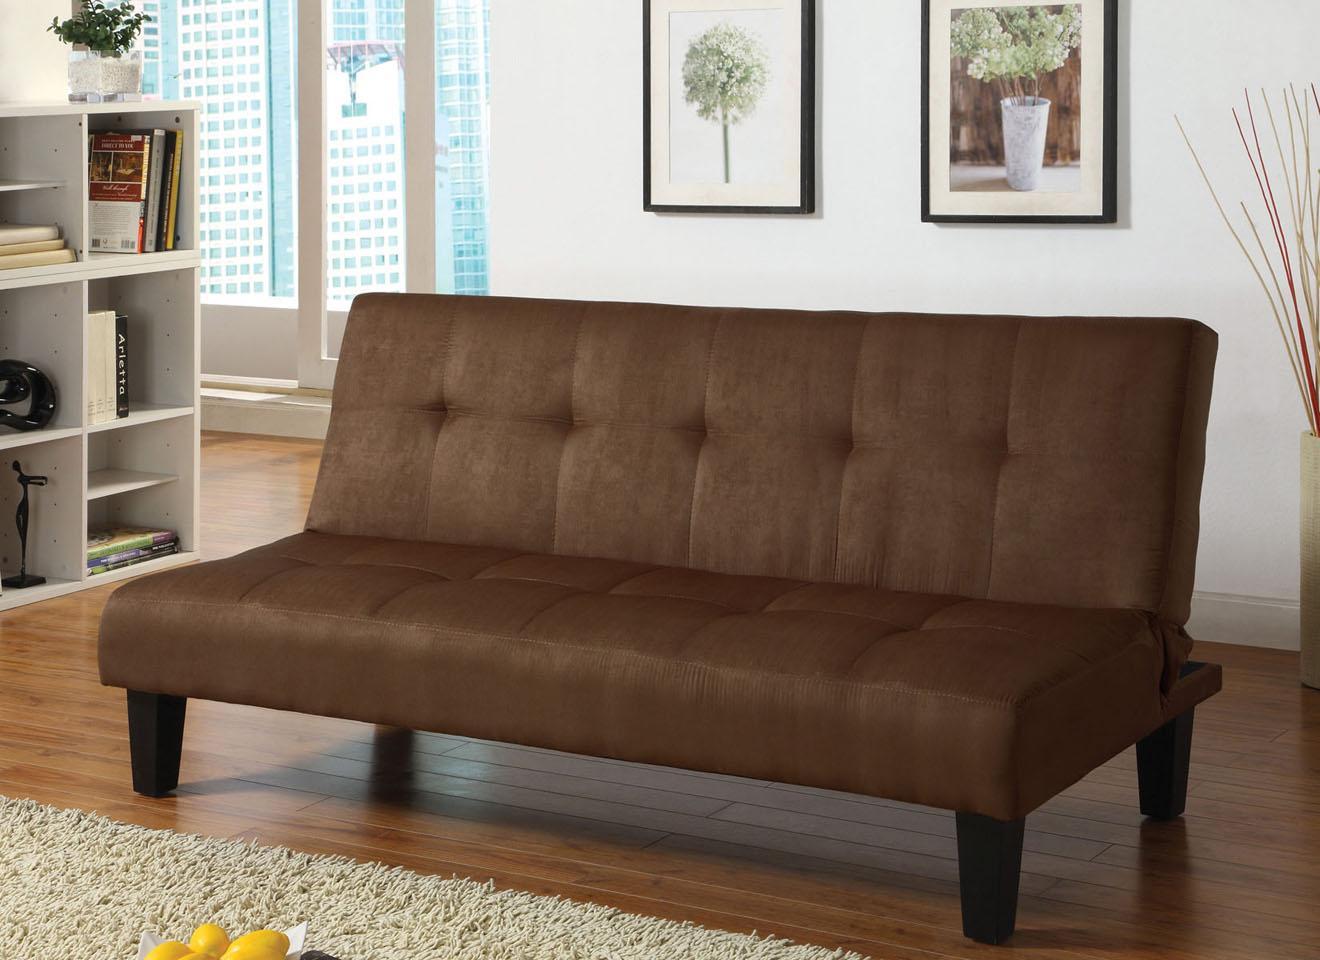 Acme Furniture Emmet Choc Chocolate Mfb Adjustable Sofa - Item Number: 05674